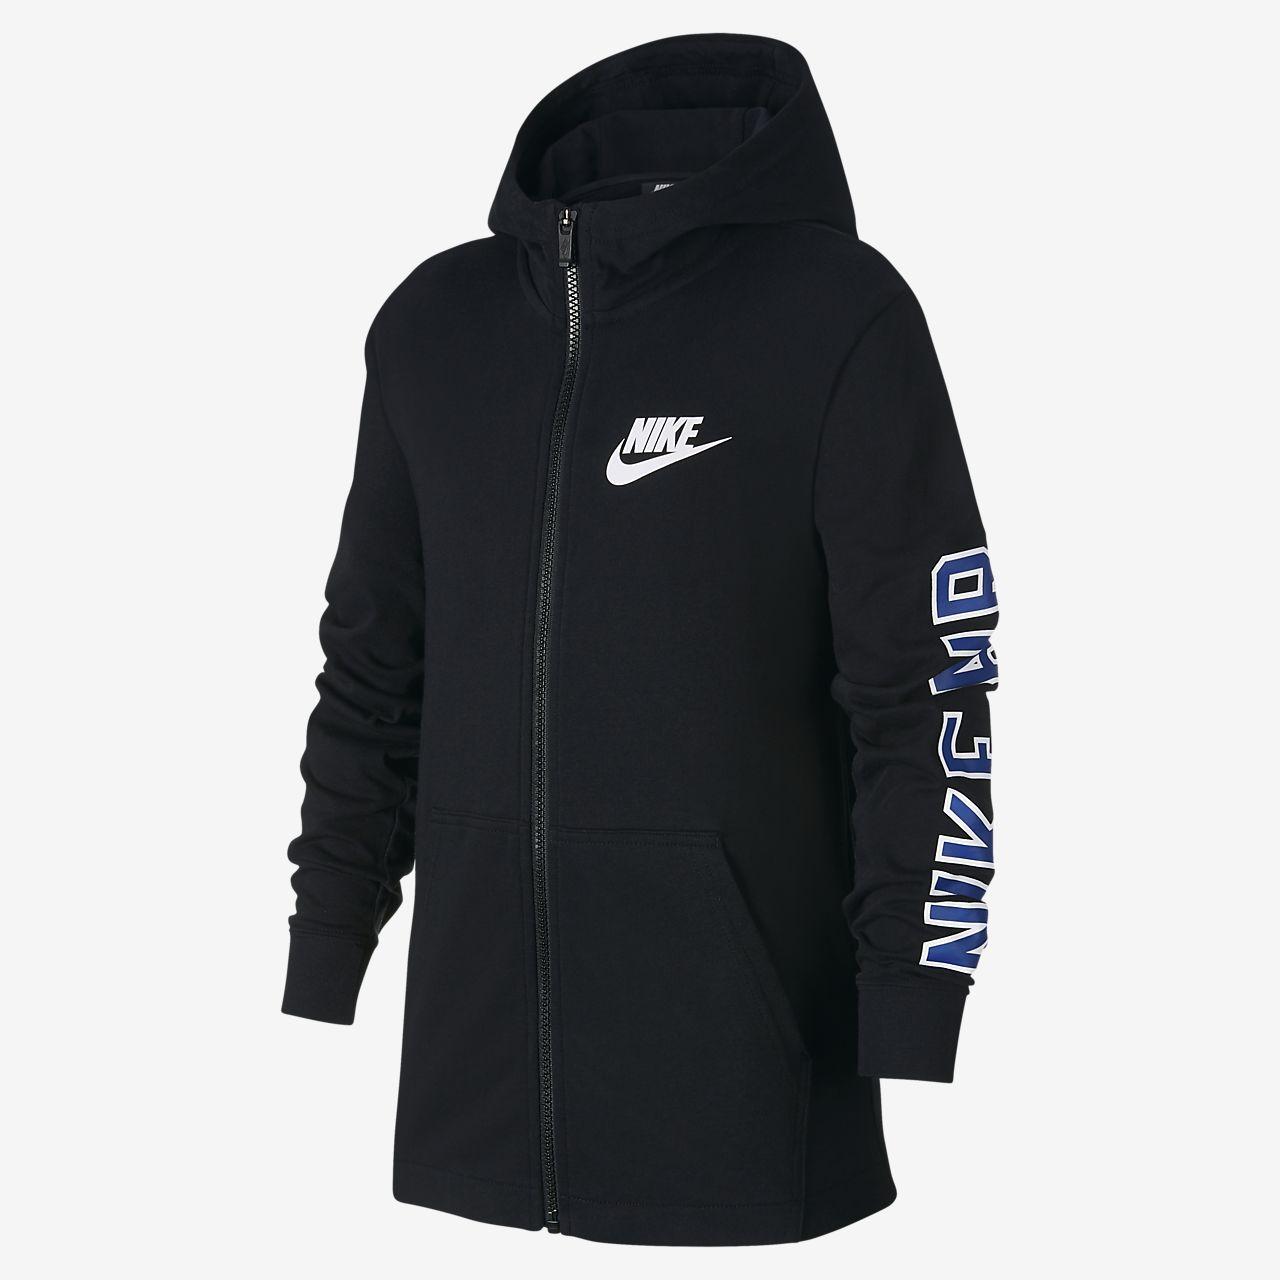 Nike 大童(男孩)全长拉链开襟连帽衫